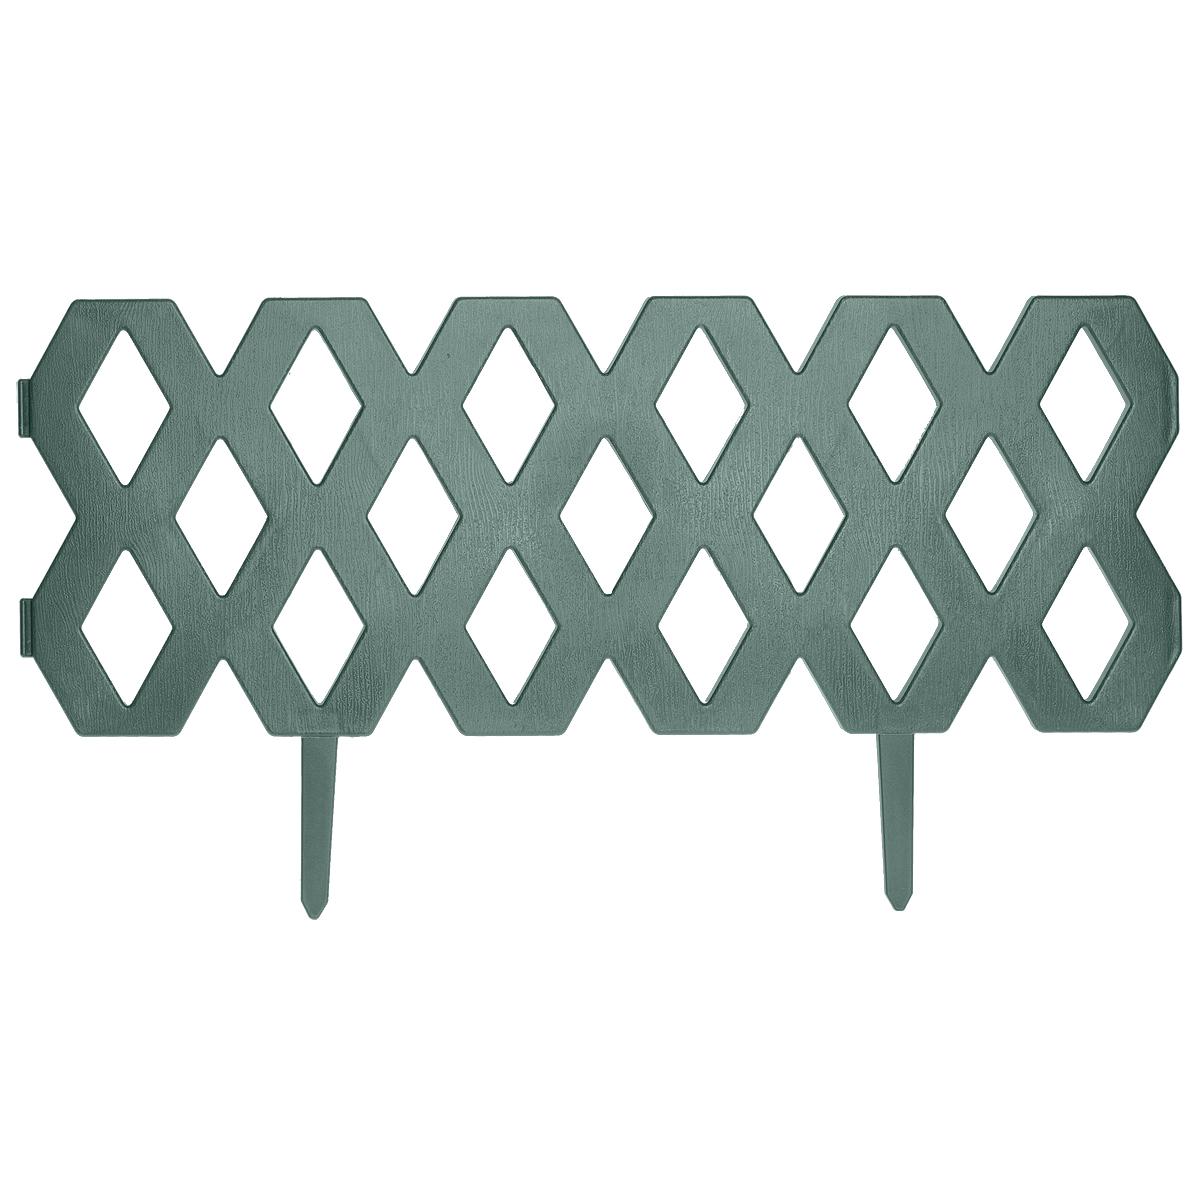 Забор декоративный пластиковый FIT Ромб, цвет: зеленый, 2 секции, 1,2 м77489Забор декоративный FIT предназначен как для украшения садового участка, так и для компоновки грядок и клумб. Соединяются секции между собой прочными креплениями.Высота: 22 см (31 см с ножками).Длина одной секции: 60 см.